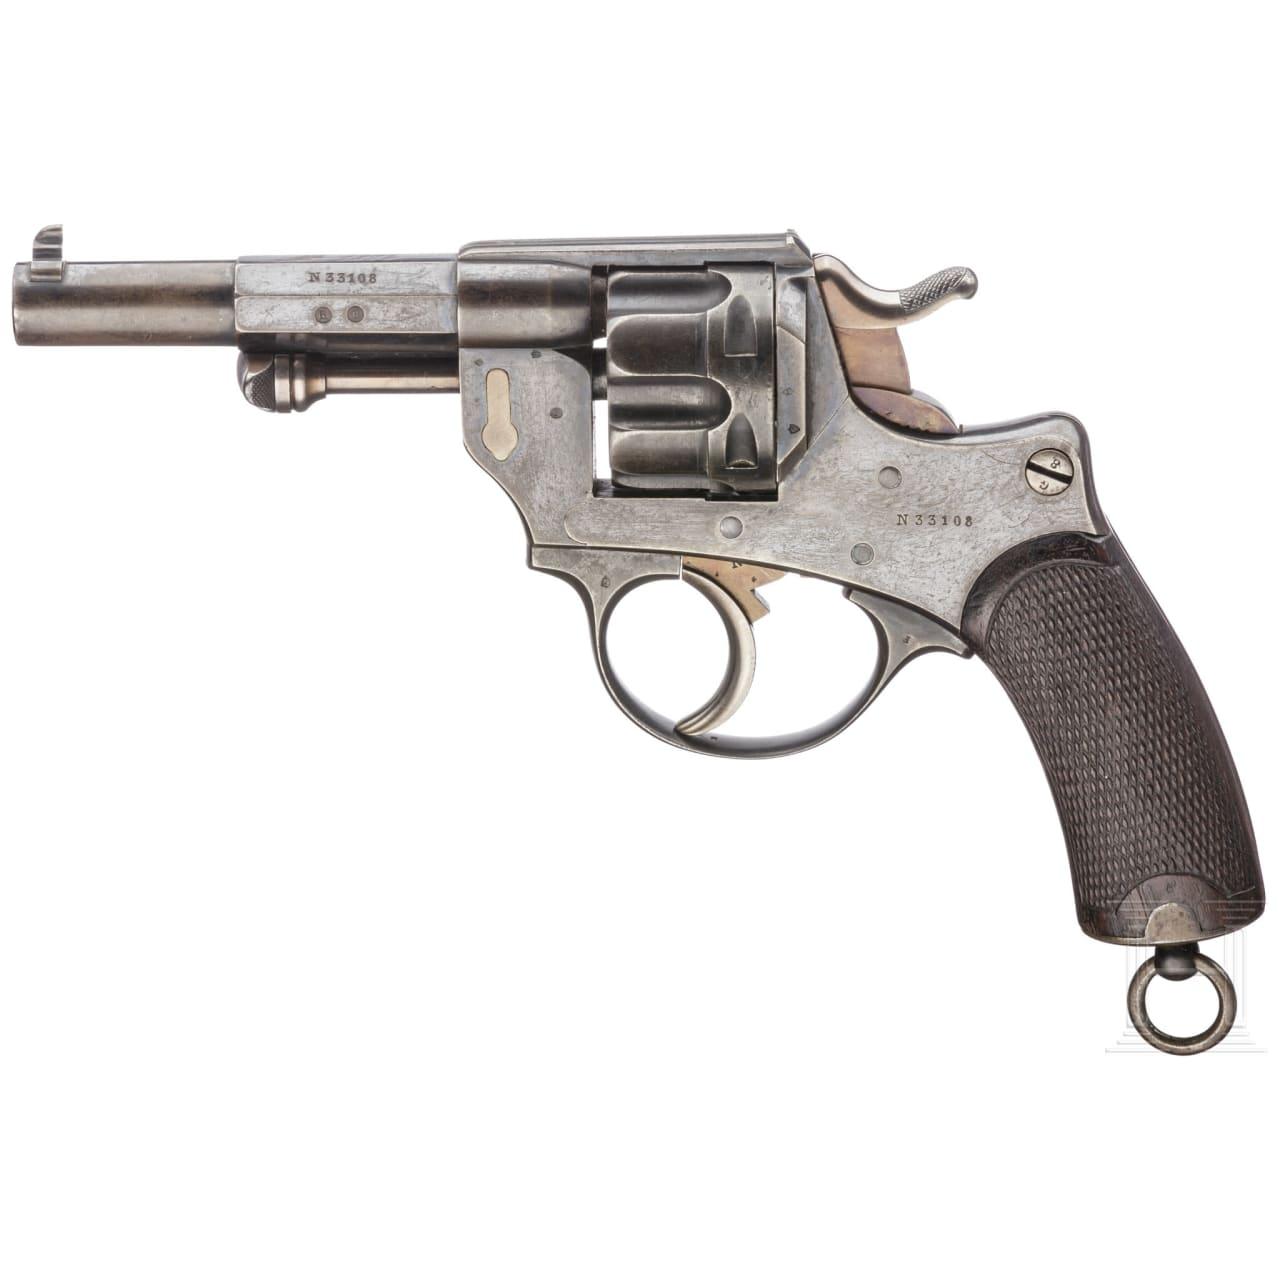 An officer's revolver Mod. 1874